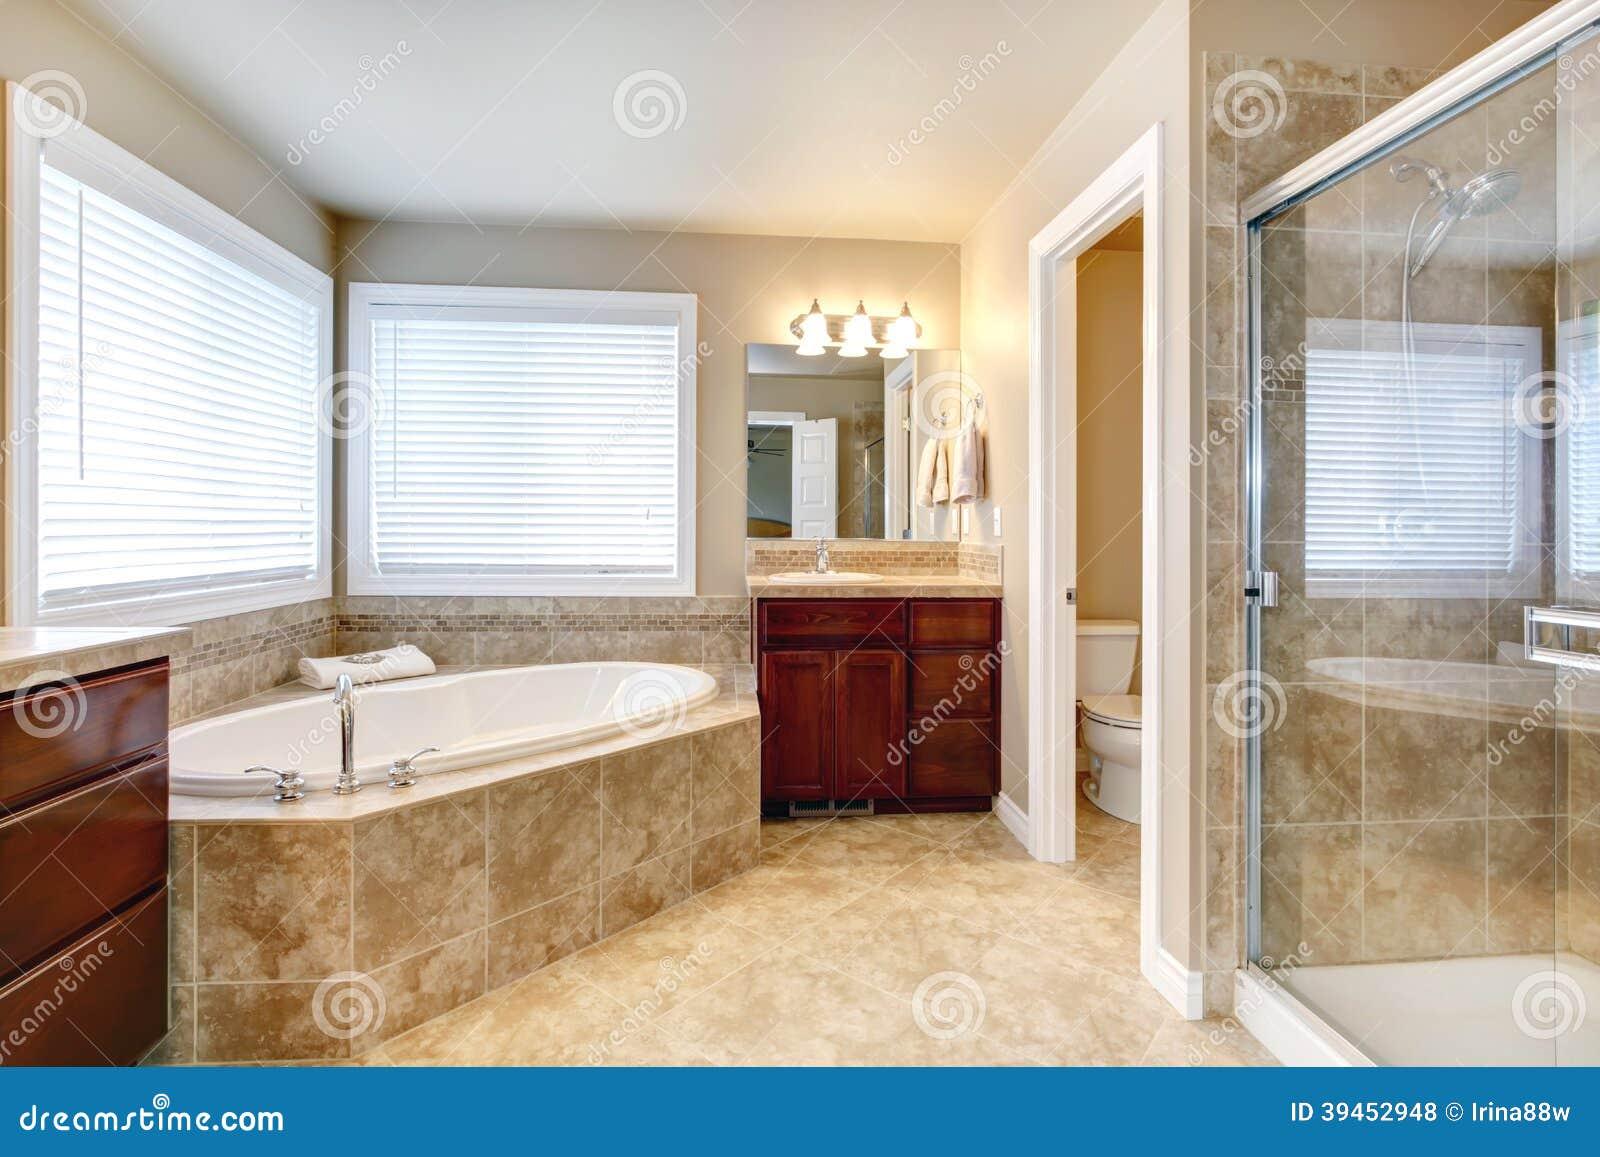 cuartos de bao con tinacuarto de bao beige con las ventanas los gabinetes de madera de la cuartos de bao con tina with modelos de cuarto de bao